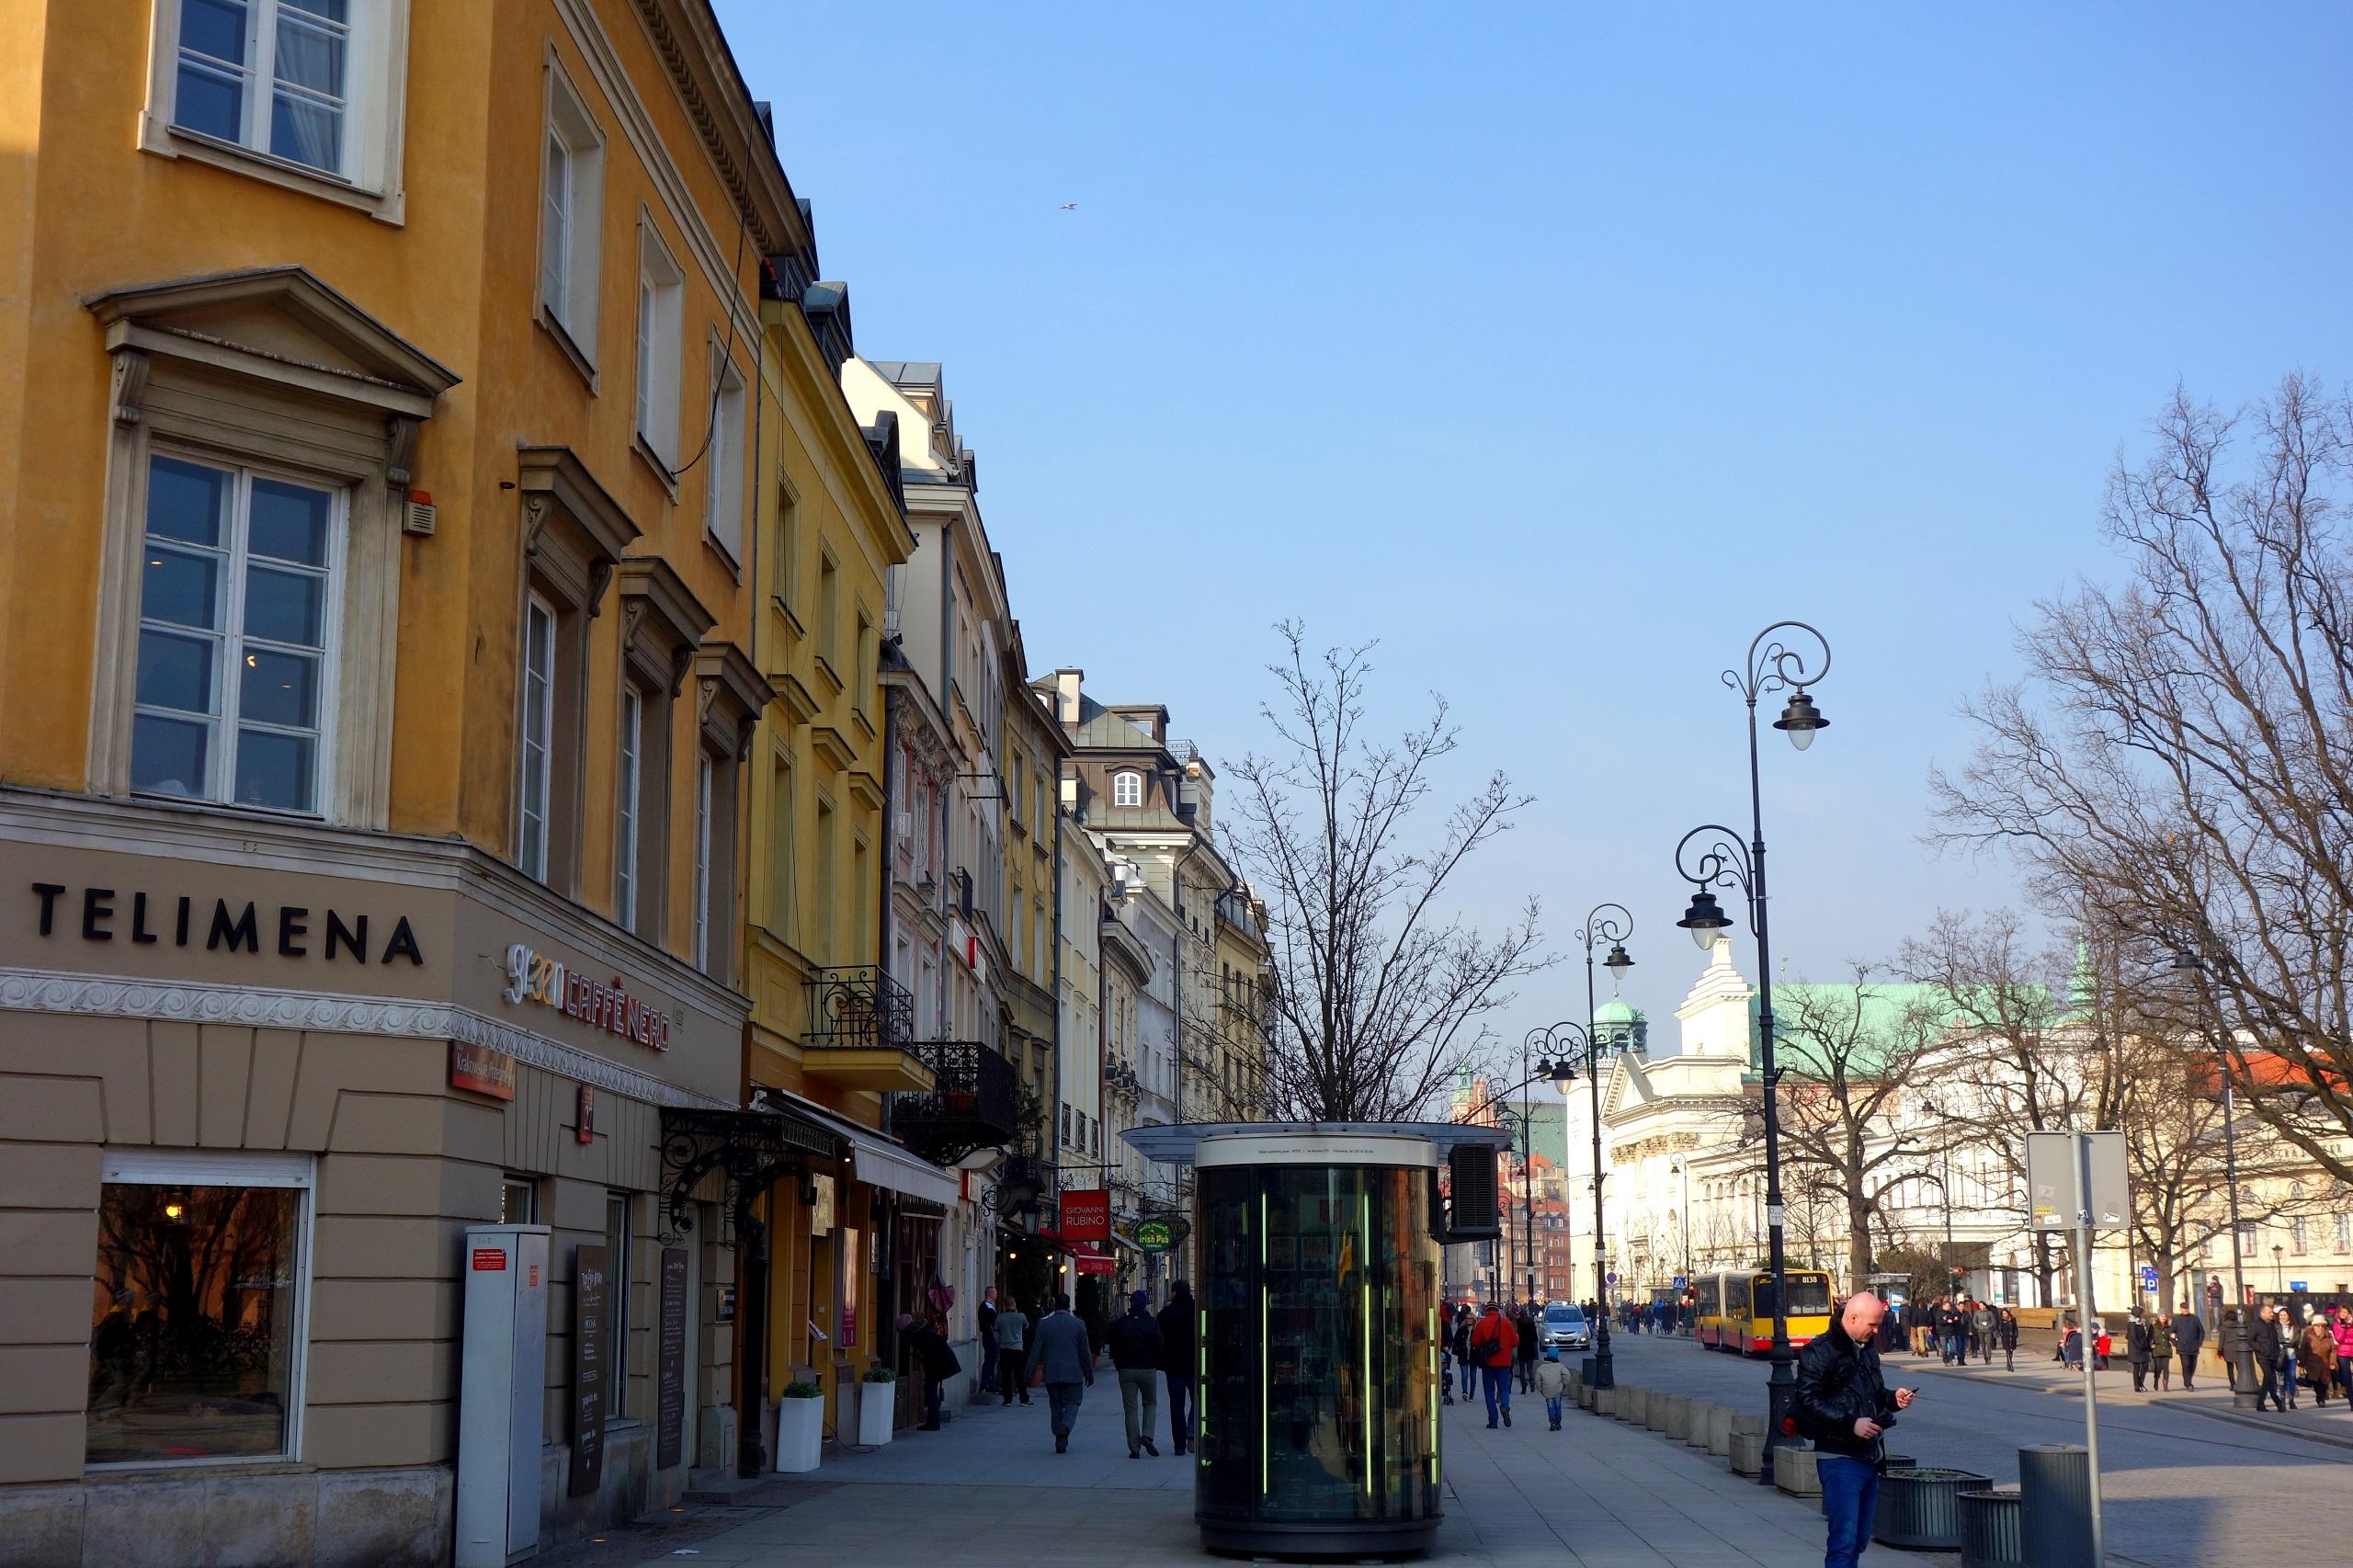 Cukiernie i kawiarnie w Warszawie - dawniej i dziś! Dawna Telimena przy Krakowskim Przedmieściu